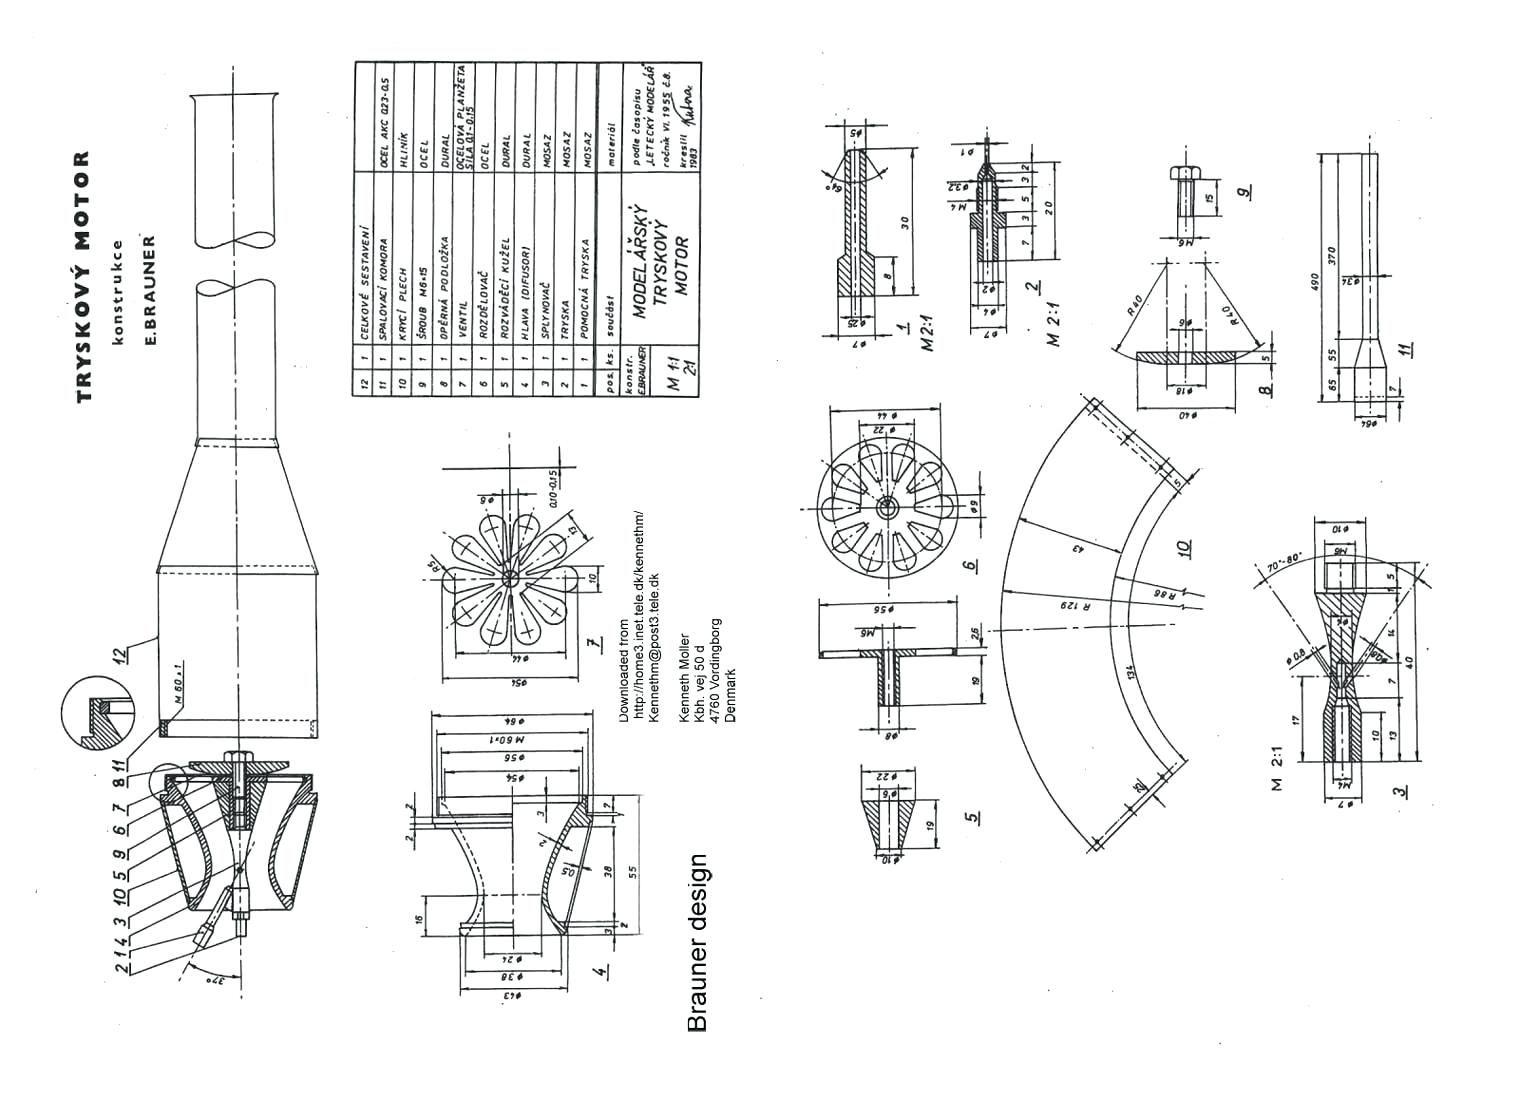 medium resolution of diagram jet engine parts diagram